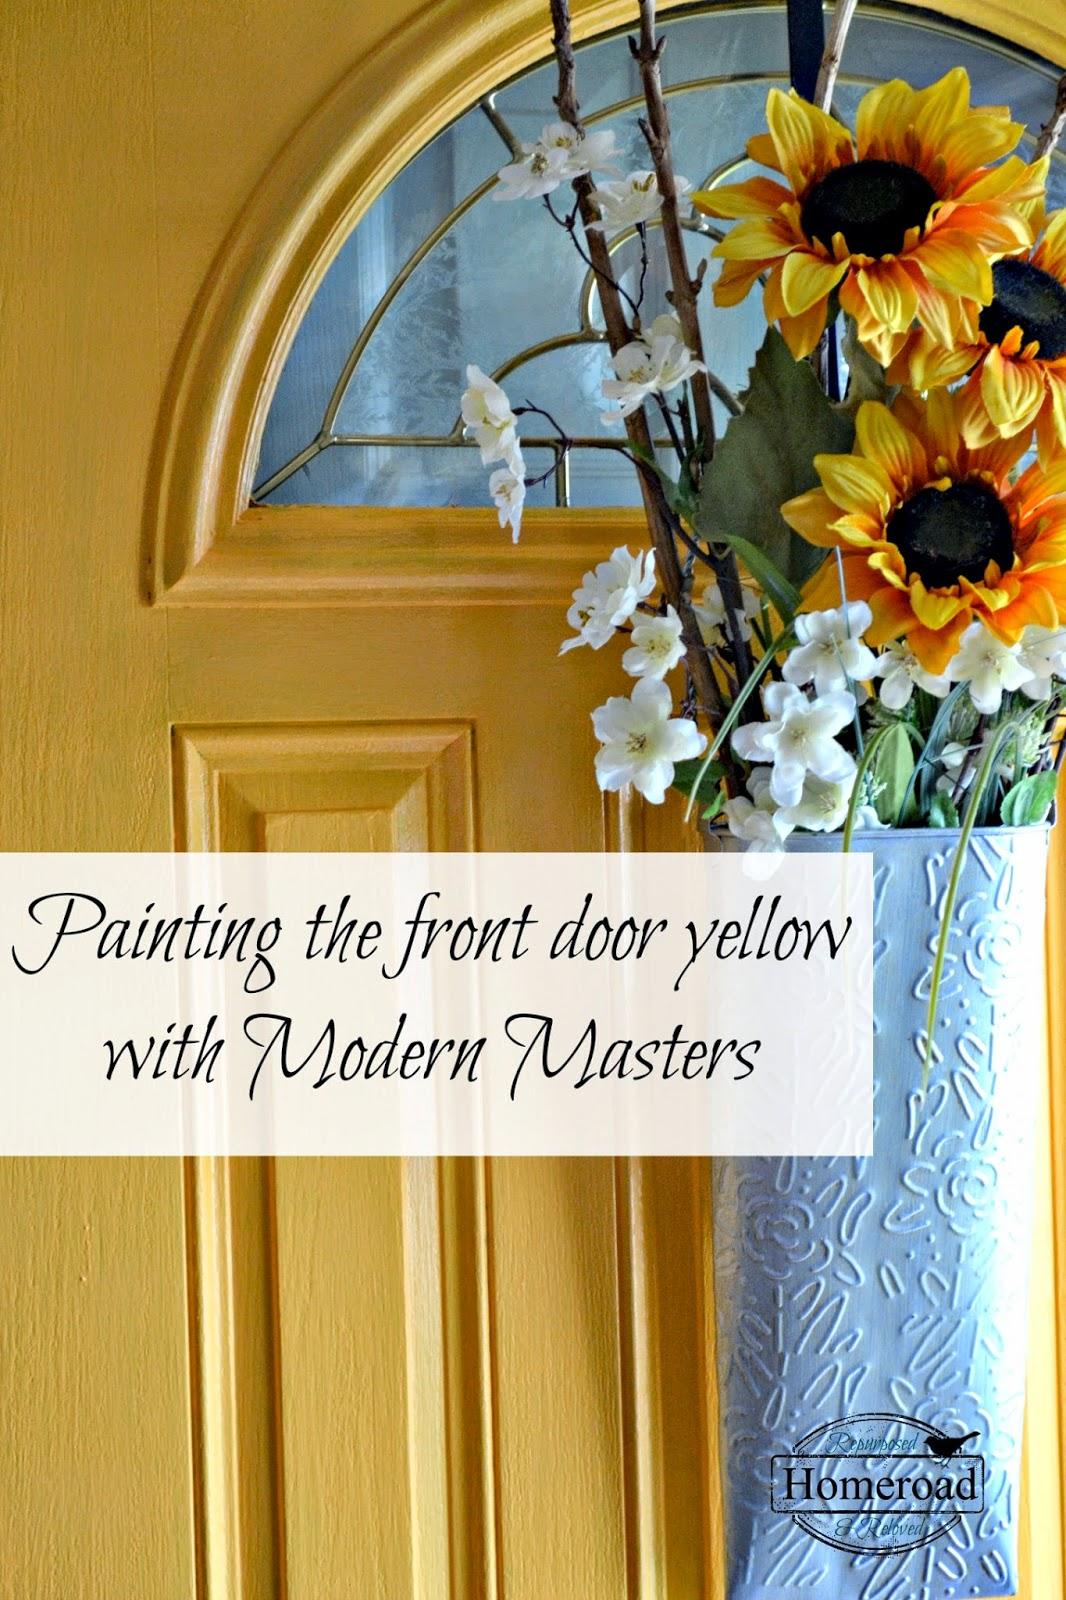 painting-my-front-door-yellow-Modern-Masters www.homeroad.net